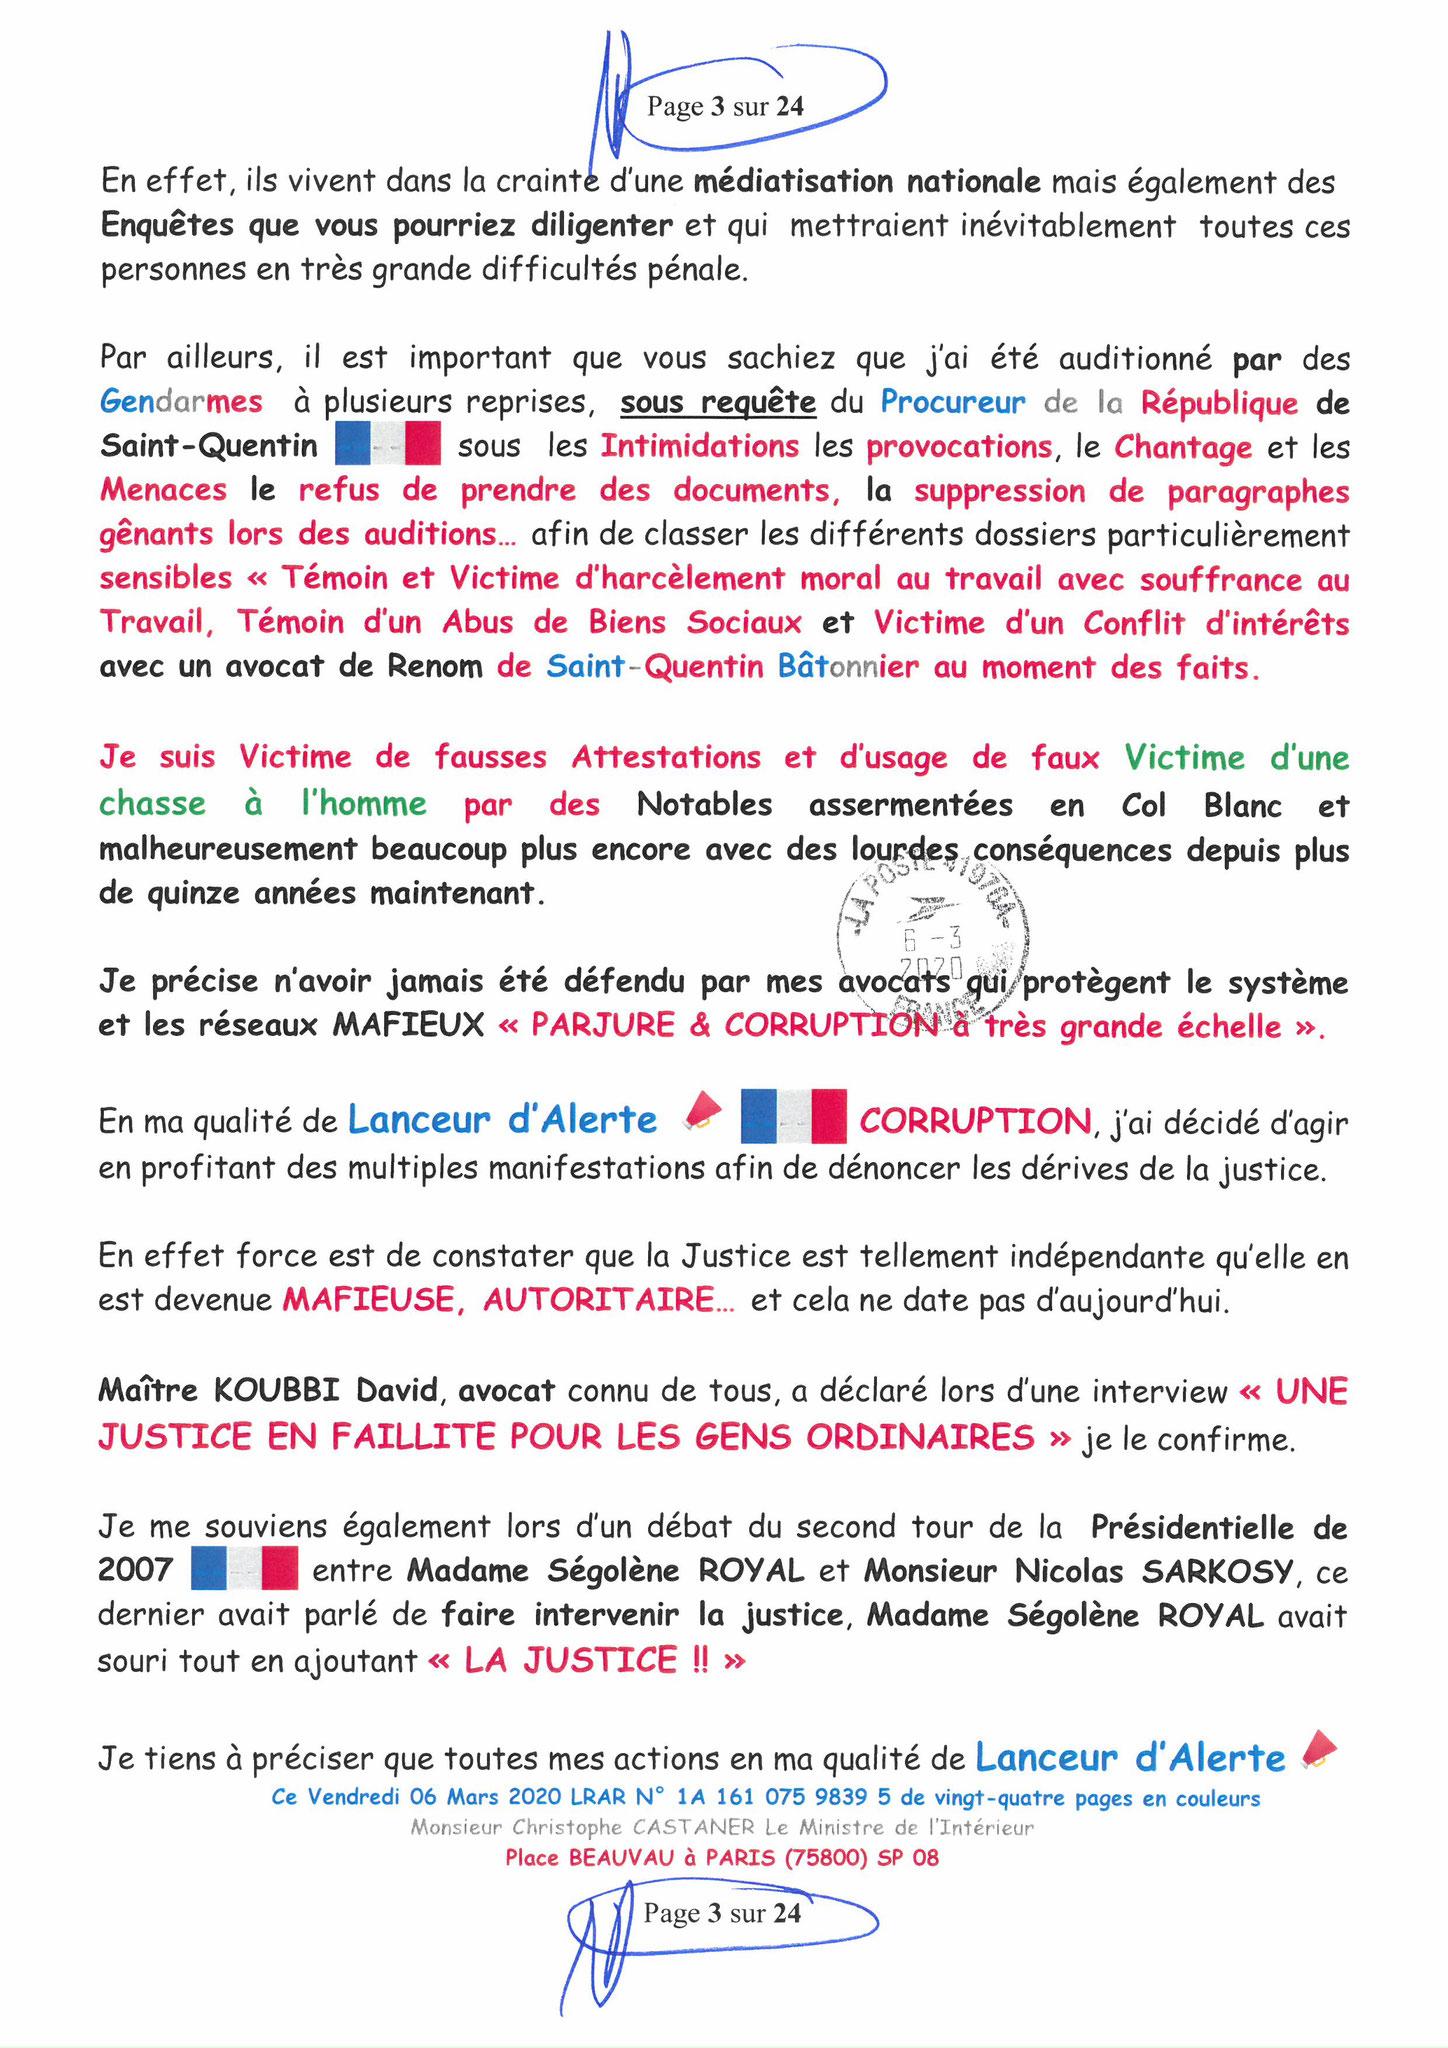 Ma LRAR à Monsieur le Ministre de l'Intérieur Christophe CASTANER N°1A 161 075 9839 5  Page 3 sur 24 en couleur du 06 Mars 2020  www.jesuispatrick.fr